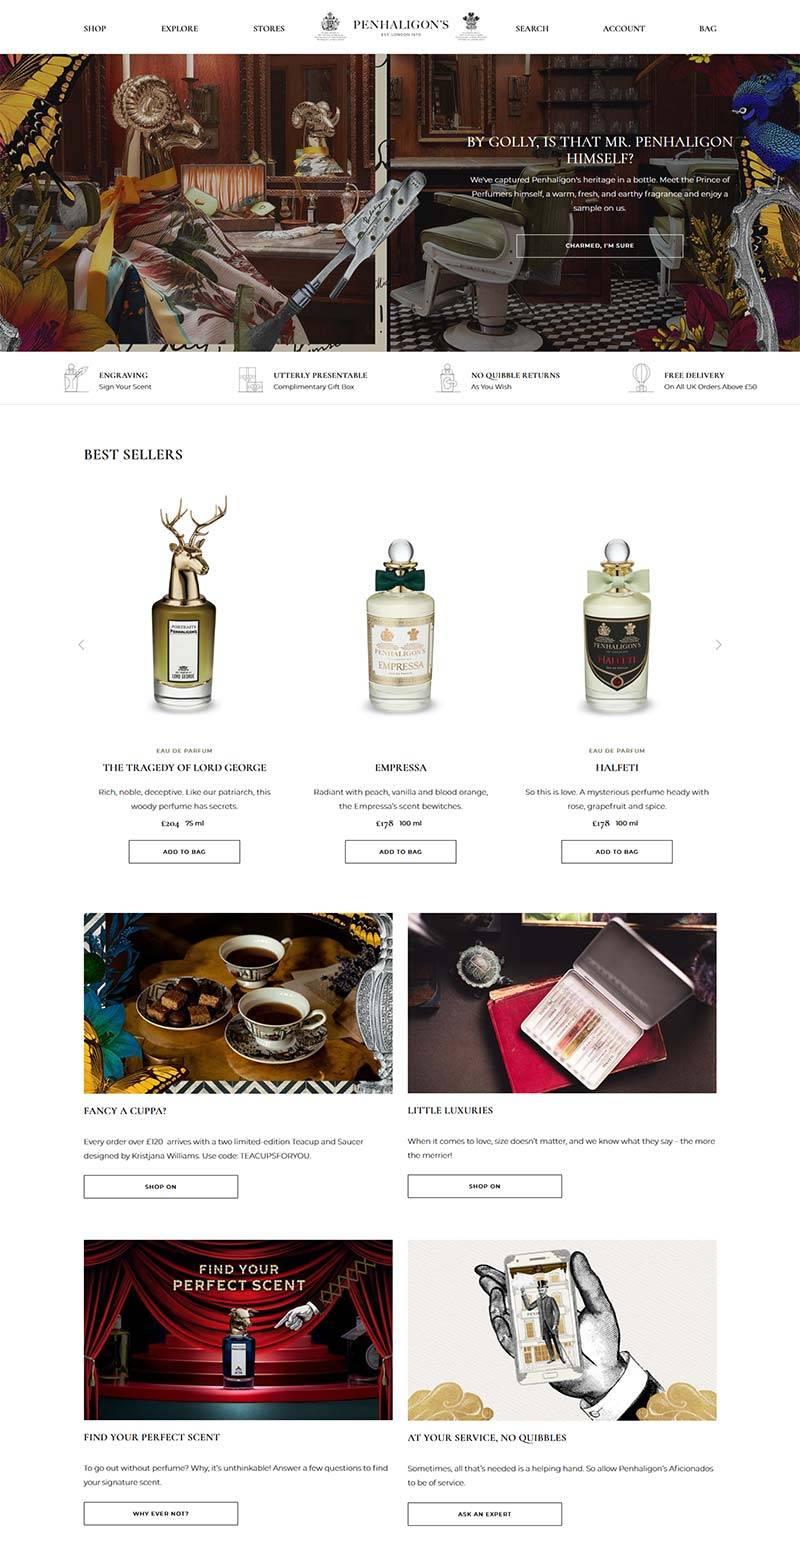 Penhaligon's 潘海利根-英国香氛品牌购物网站